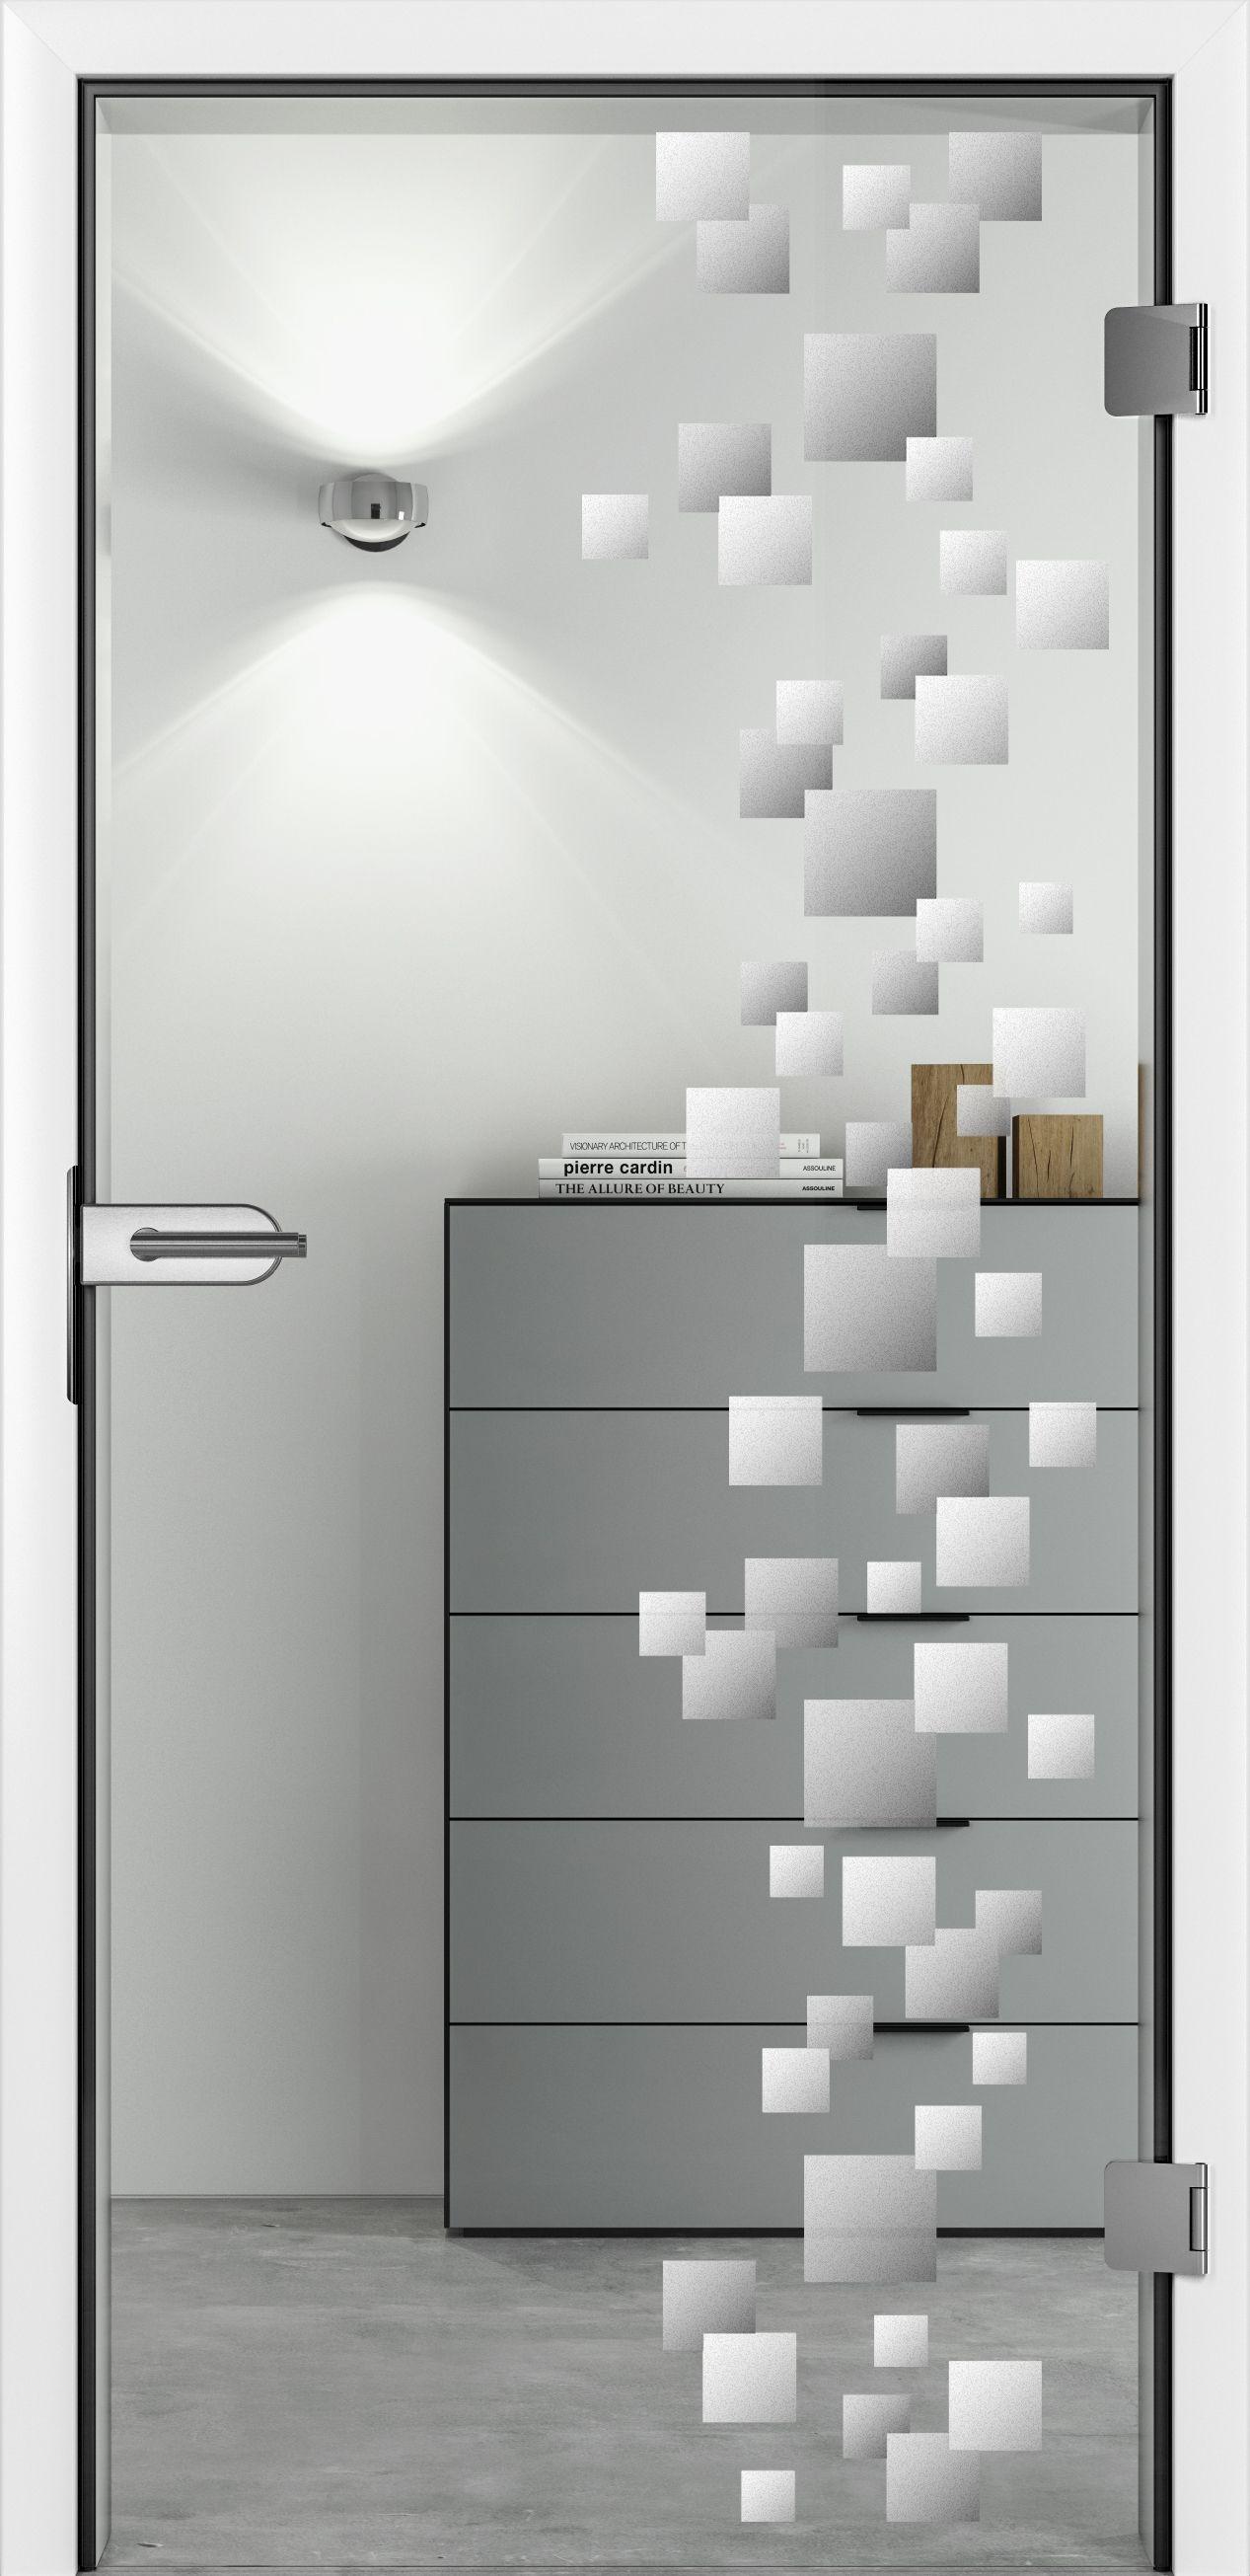 Unsere Glastür Cube mit mattem Motiv. Eine ideenreiche ...